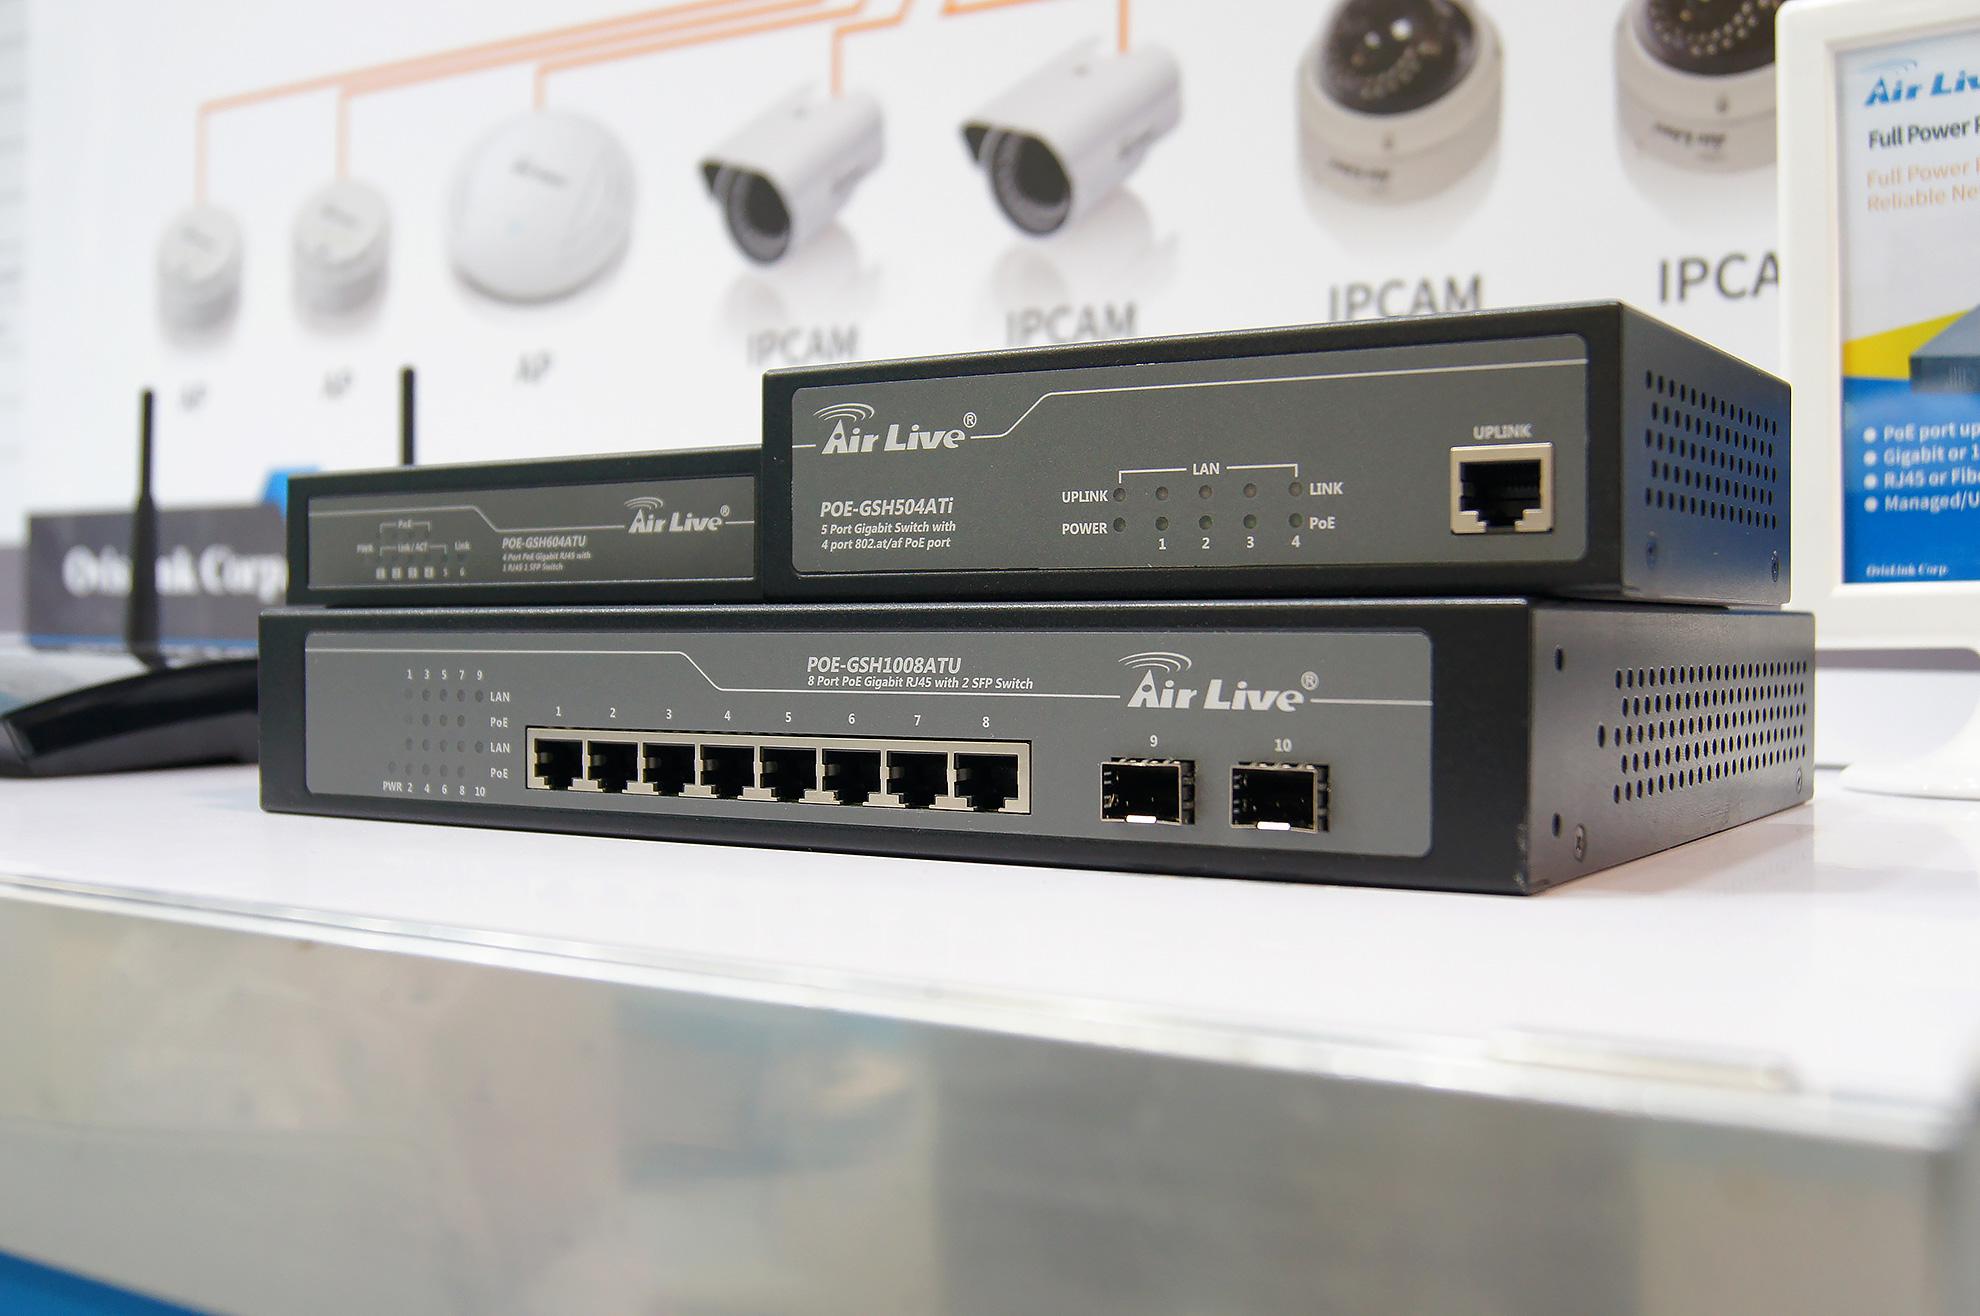 Ukázka chytrých gigabitových přepínčů AirLive.